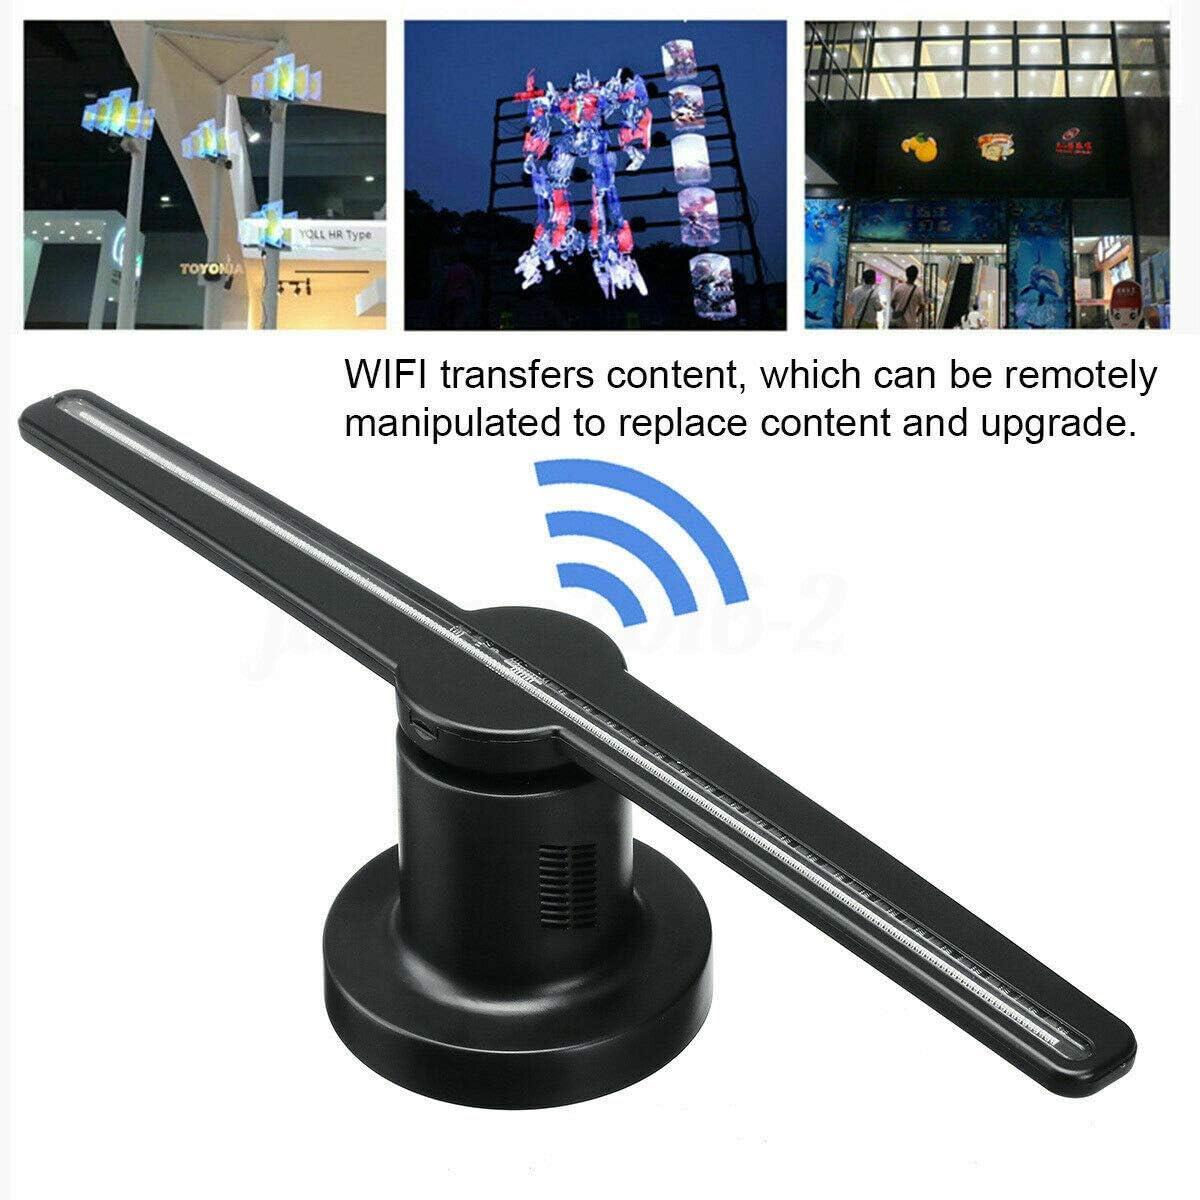 WXJHA 3D Ventilador Publicidad holográfica de proyección, Pantalla LED de Holograma Fotos y vídeos 42cm / 16.5Inch Películas Cine televisores Memoria proyector de Pantalla: Amazon.es: Hogar